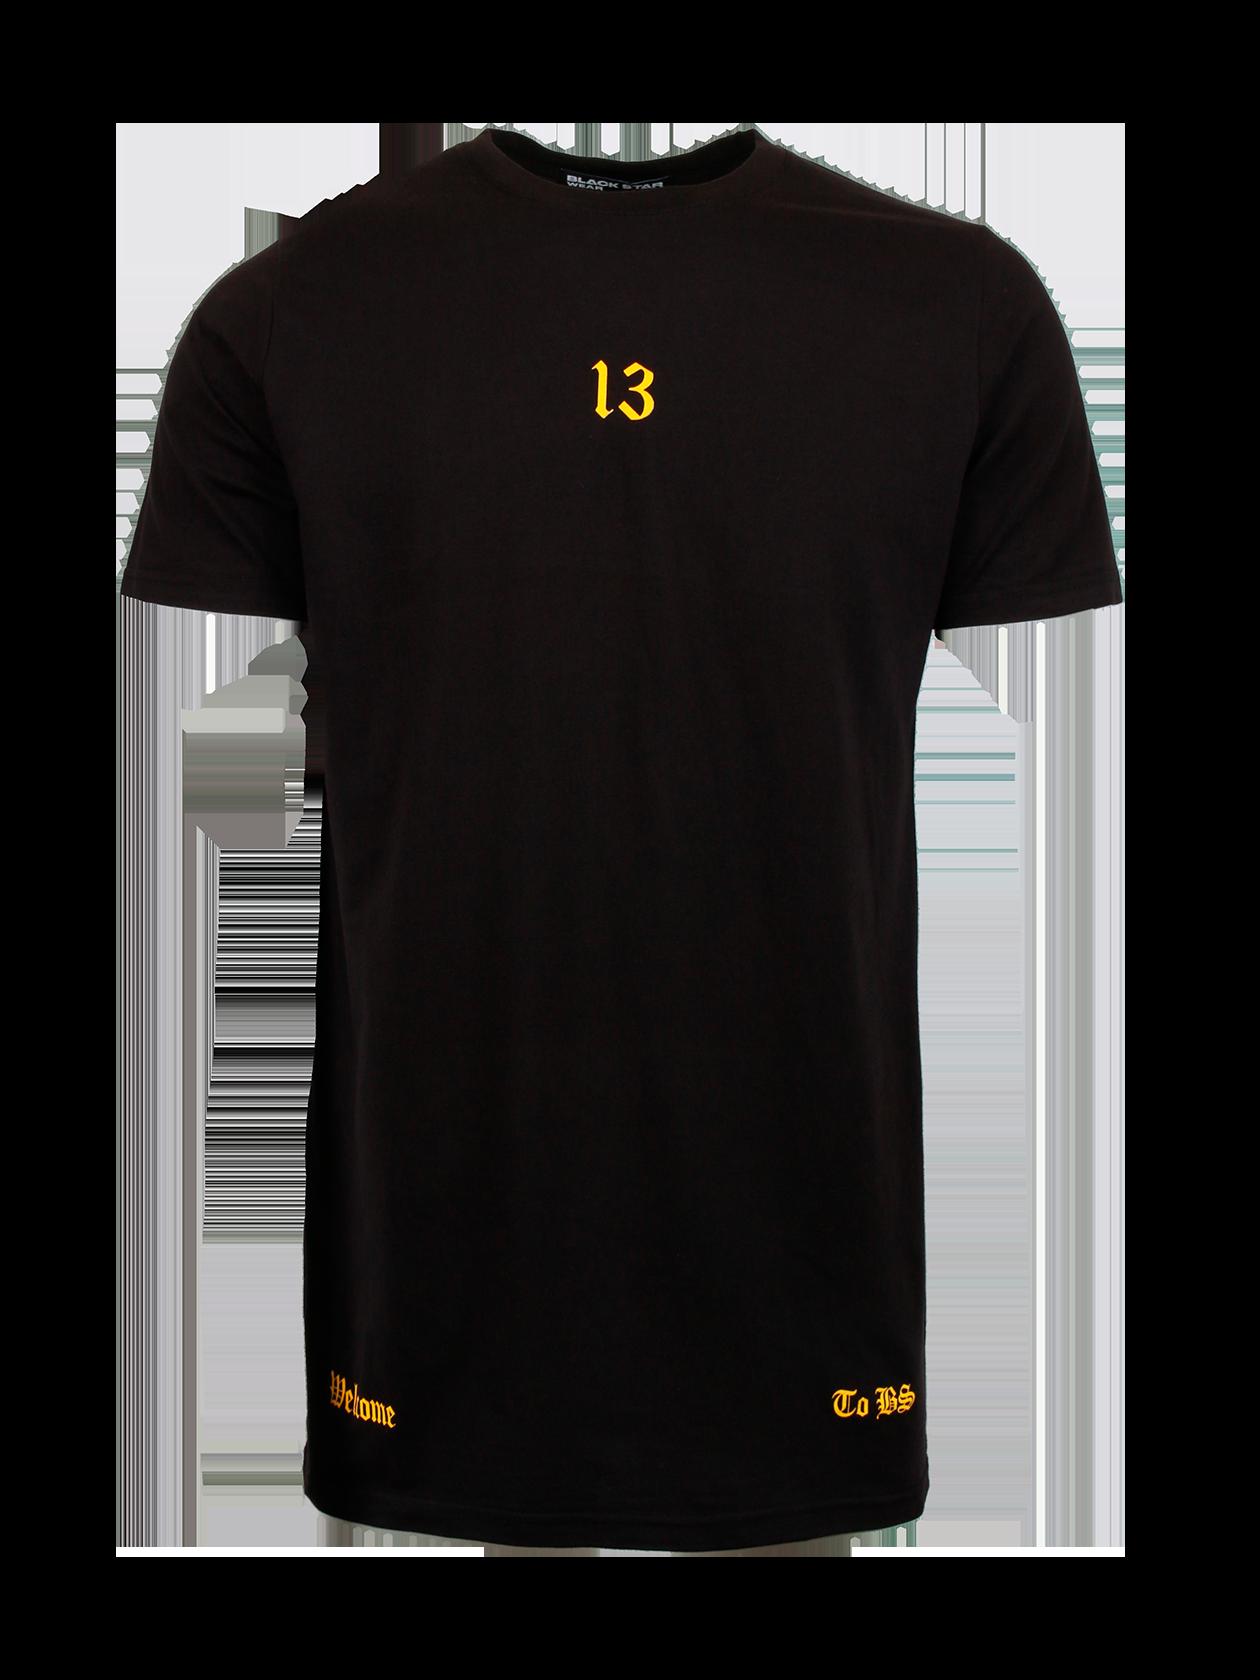 Футболка мужская WELCOME TO BSСтильная футболка мужская Welcome to BS – идеальное решение для создания повседневного и спортивного образа. Белая расцветка актуальная в любом сезоне, ее способность отражать прямые лучи солнца обеспечит дополнительный комфорт в жаркую погоду. Натуральный хлопок премиального качества отвечает за практичность вещи. Модель обладает прямым свободным кроем, коротким рукавом и узкой округлой горловиной с лейблом Black Star Wear внутри. Дизайн футболки дополнен эффектным принтом с крупными черными надписями и символикой бренда BSW на спине, цифрой 13 спереди и надписями золотыми буквами по бокам.<br><br>Размер: XXL<br>Цвет: Черный<br>Пол: Мужской